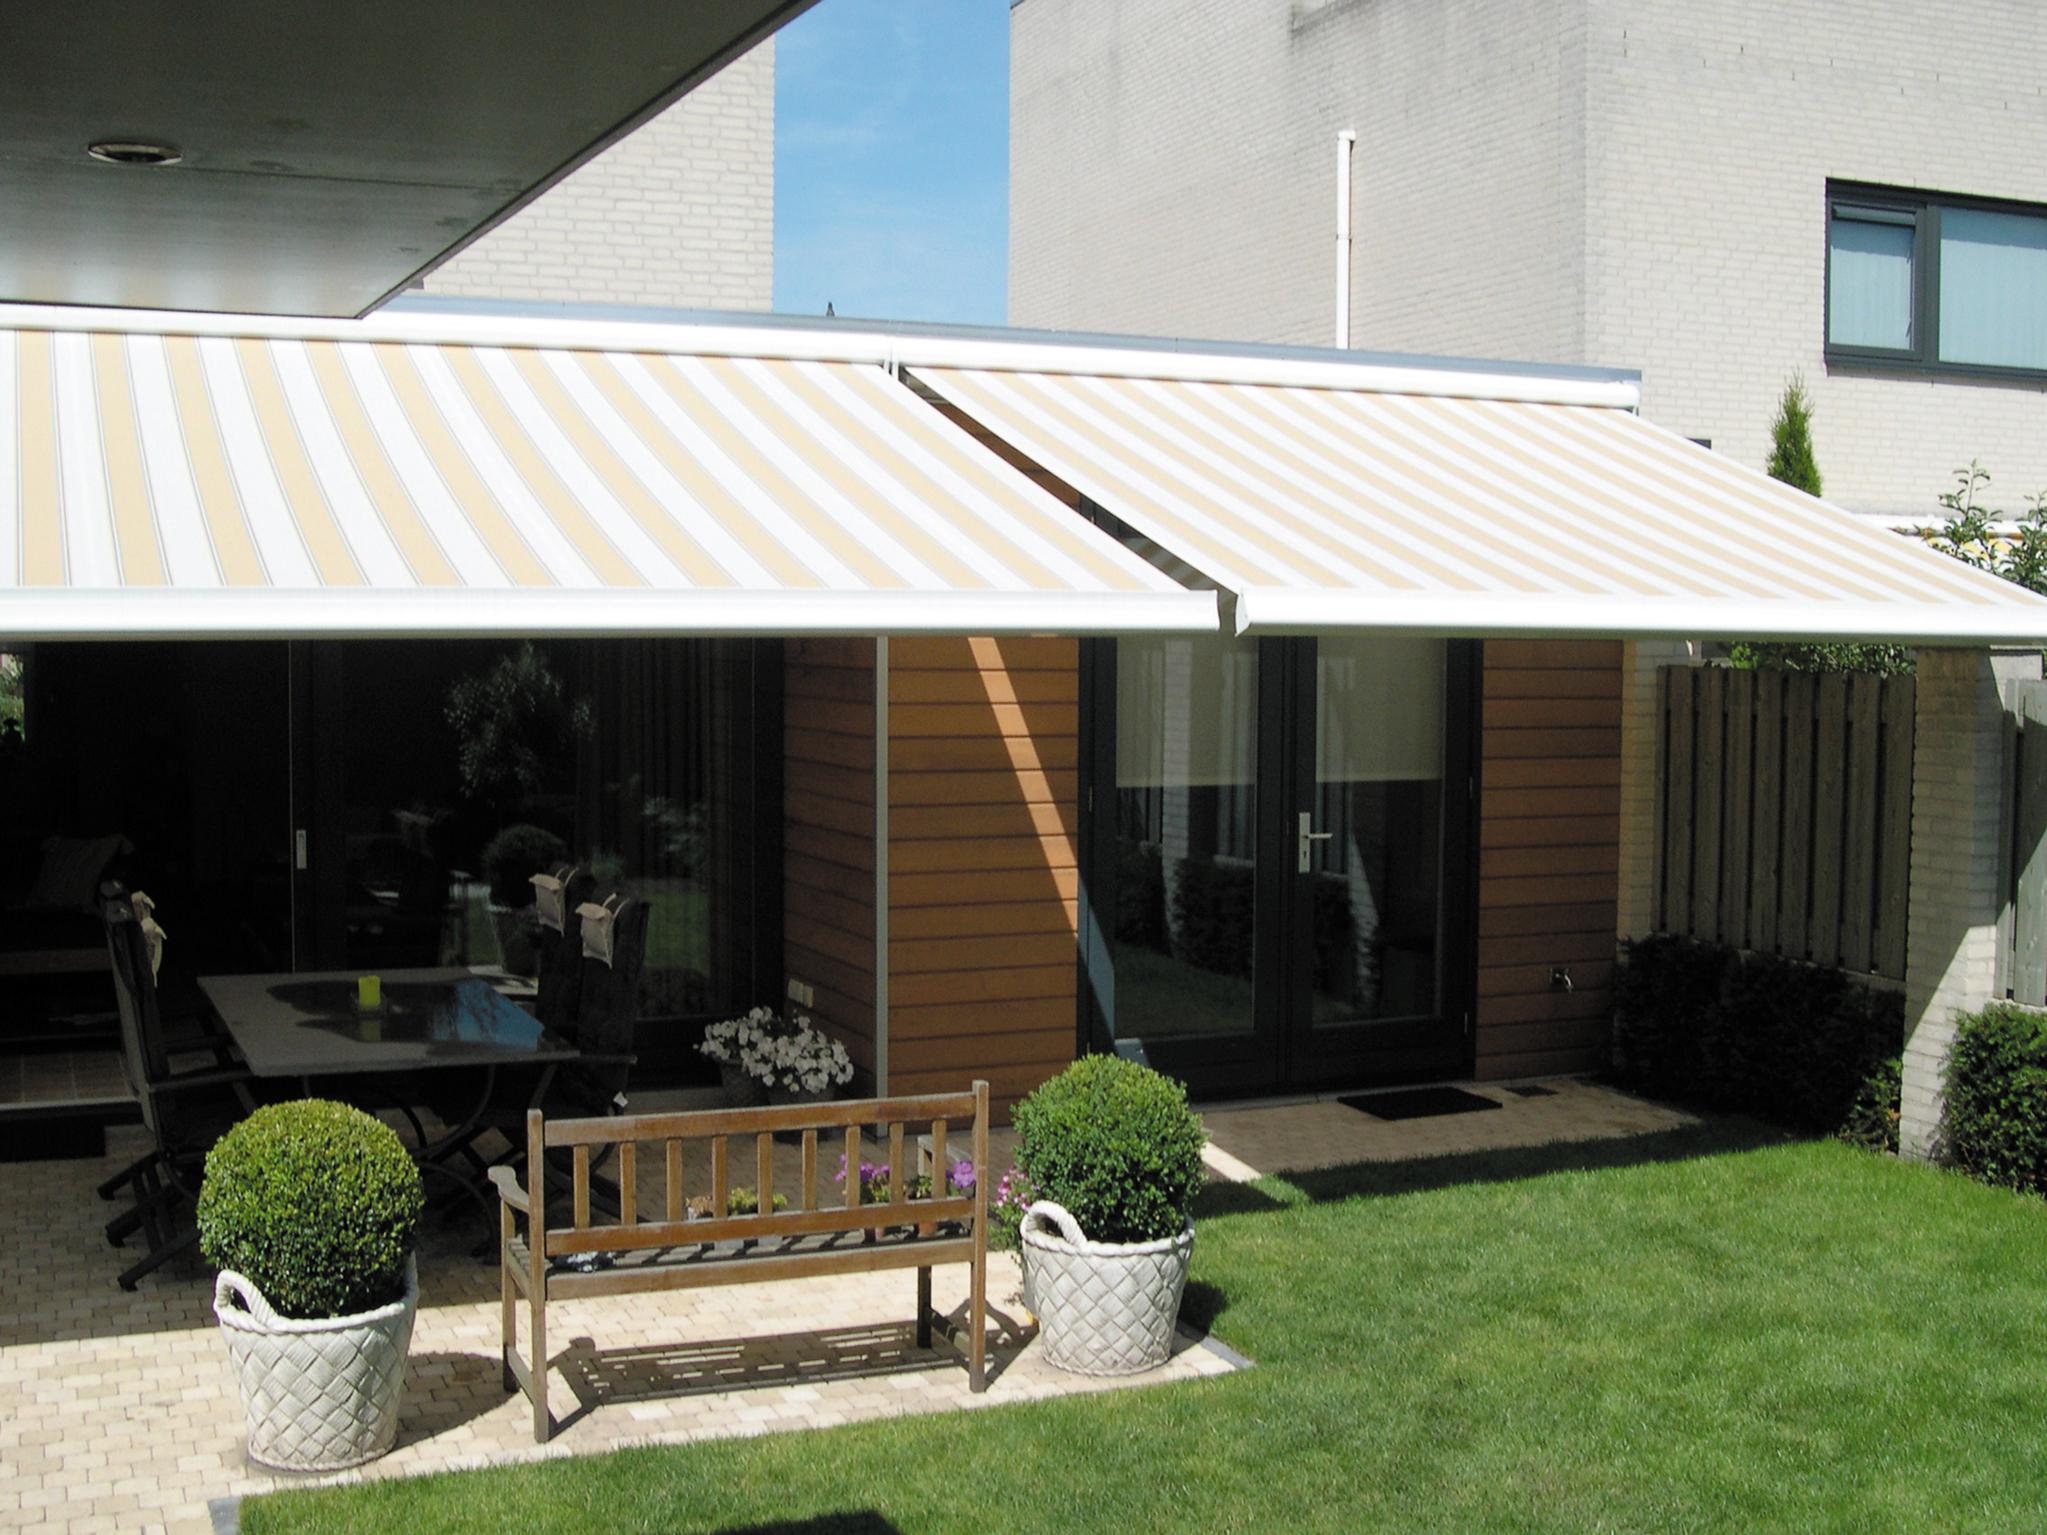 Waterdicht zonnescherm for Tuin allen idee